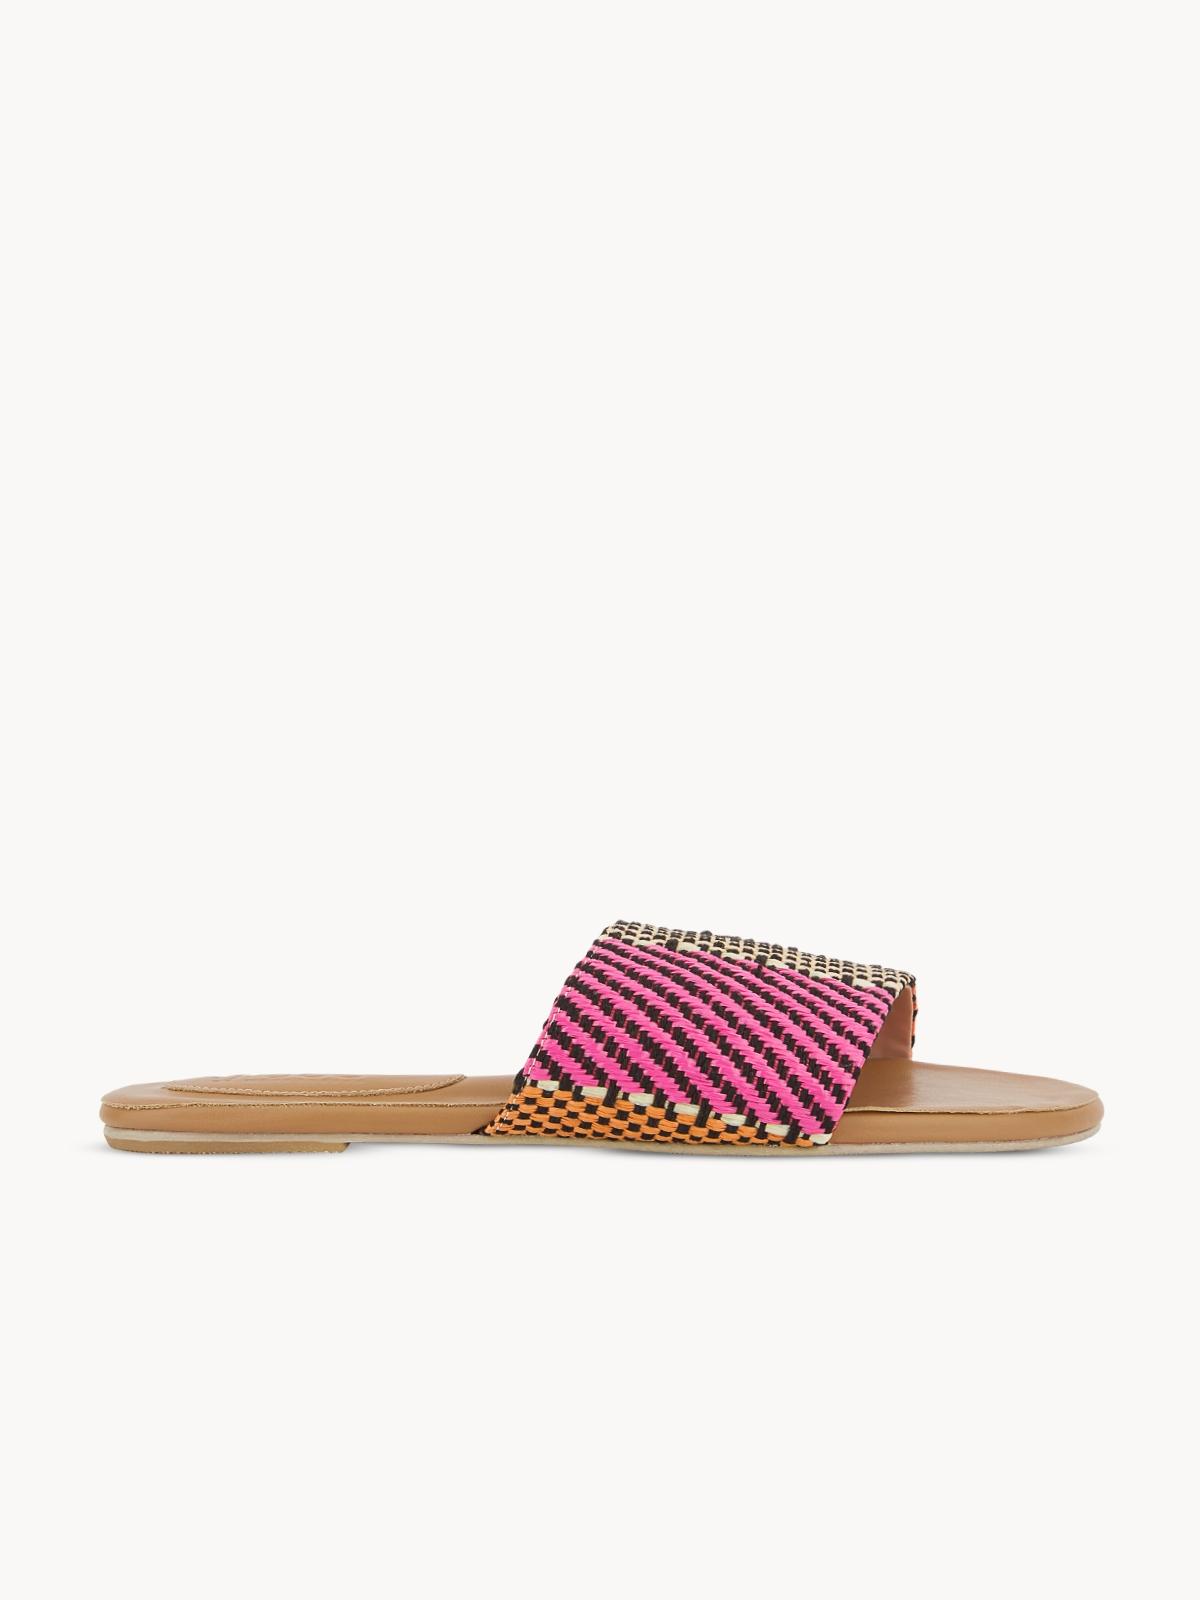 Mosstories Weave Sandals Brown